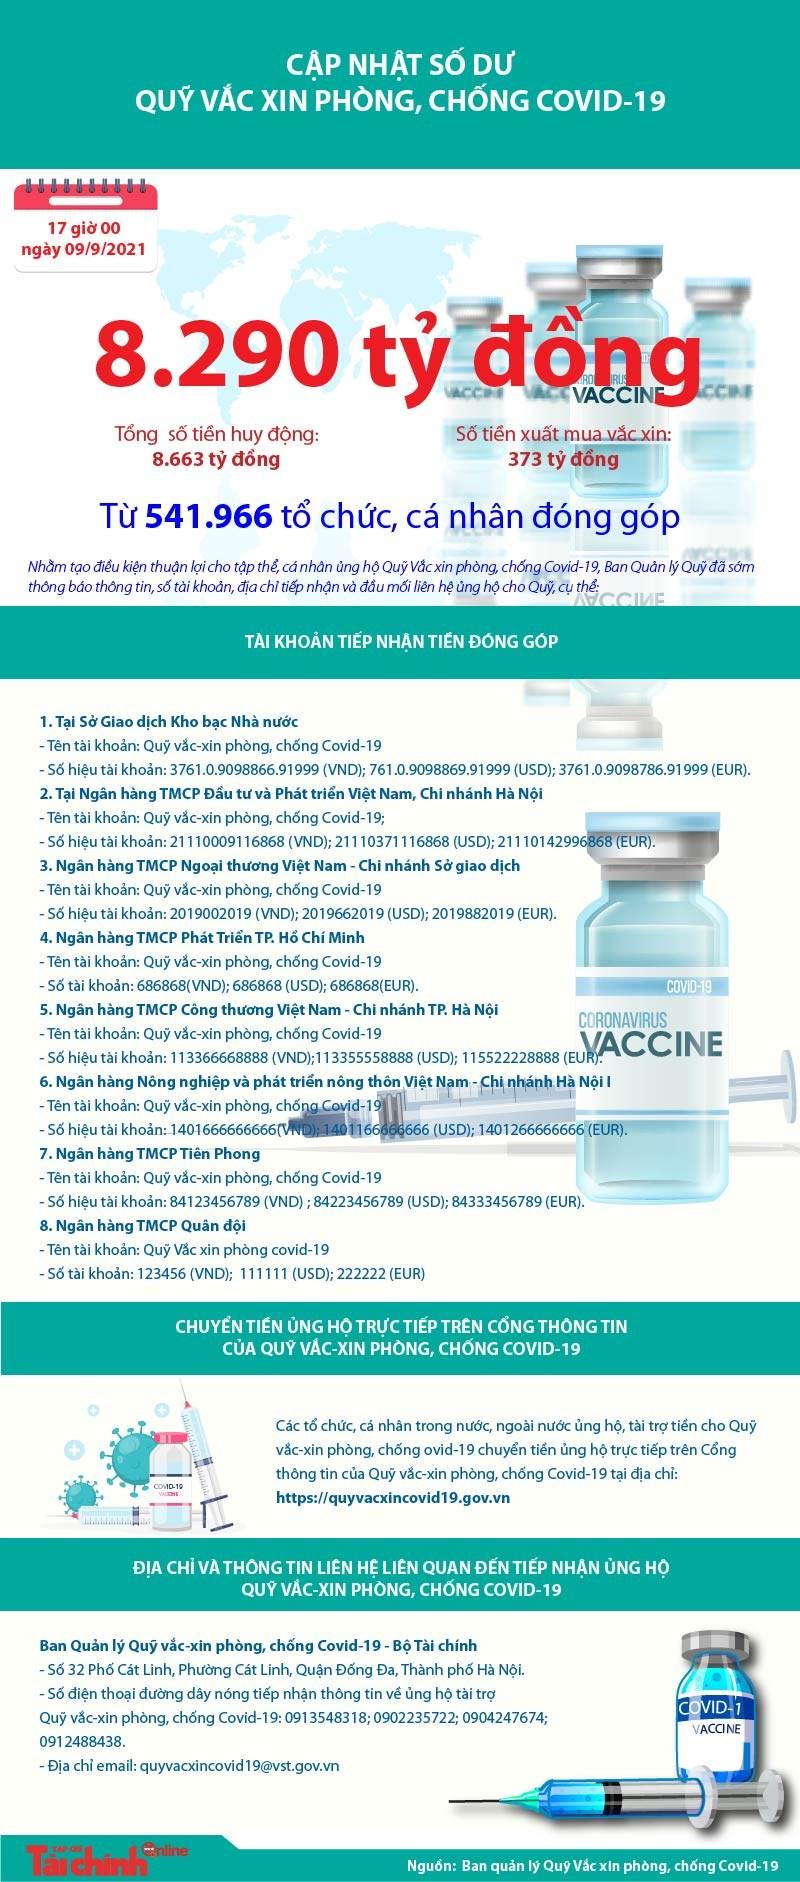 [Infographics] Quỹ Vắc xin phòng, chống COVID-19 còn dư 8.290 tỷ đồng - Ảnh 1